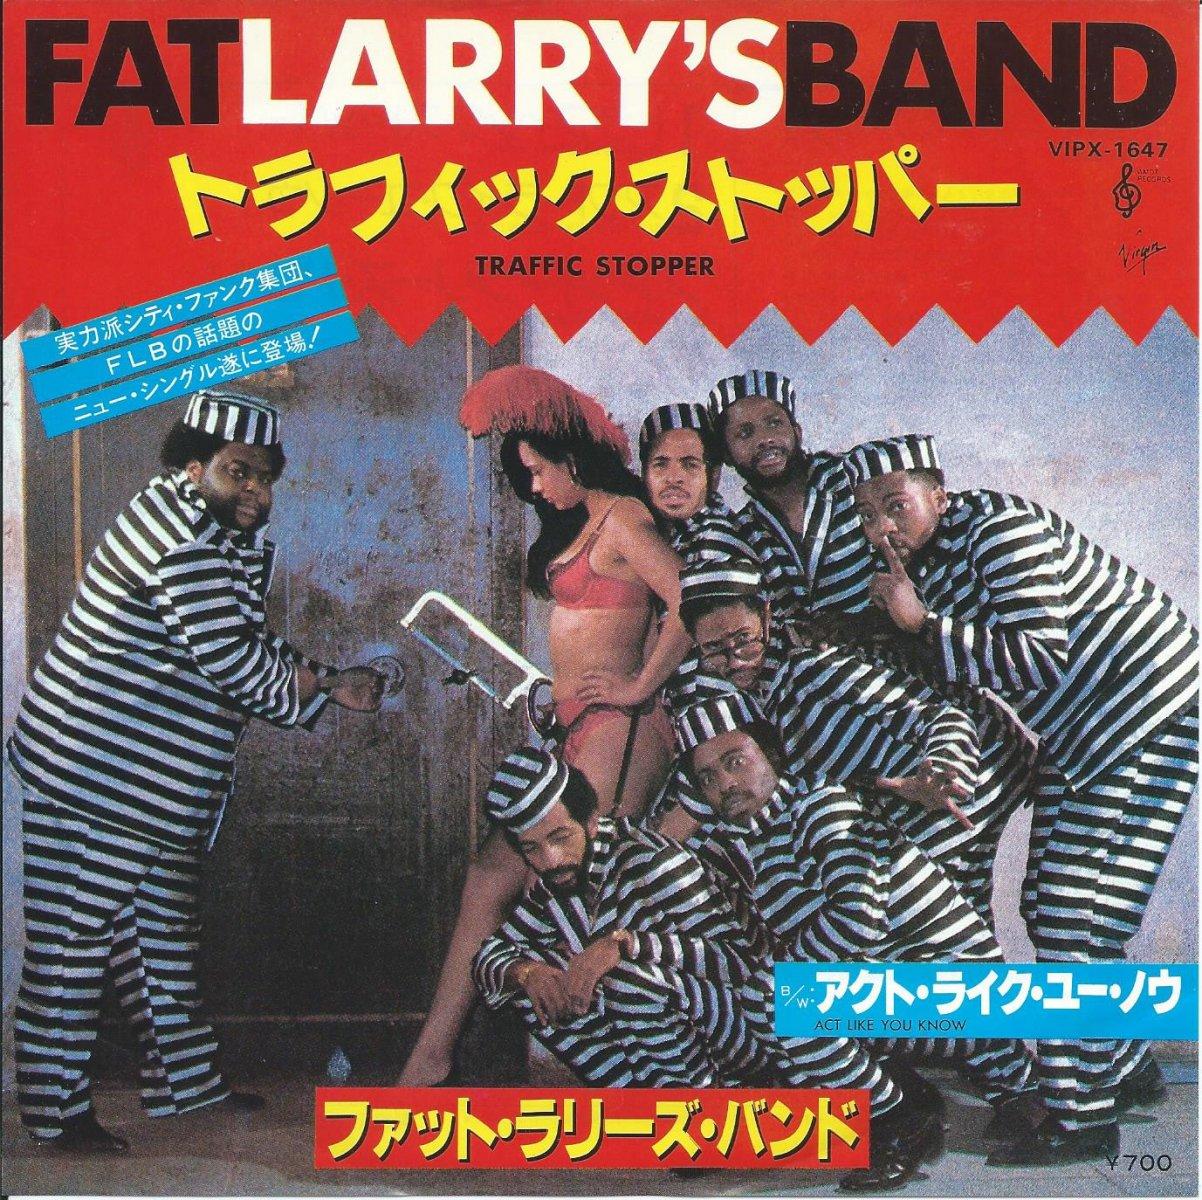 ファット・ラリーズ・バンド FAT LARRY'S BAND / アクト・ライク・ユー・ノウ ACT LIKE YOU KNOW  (7